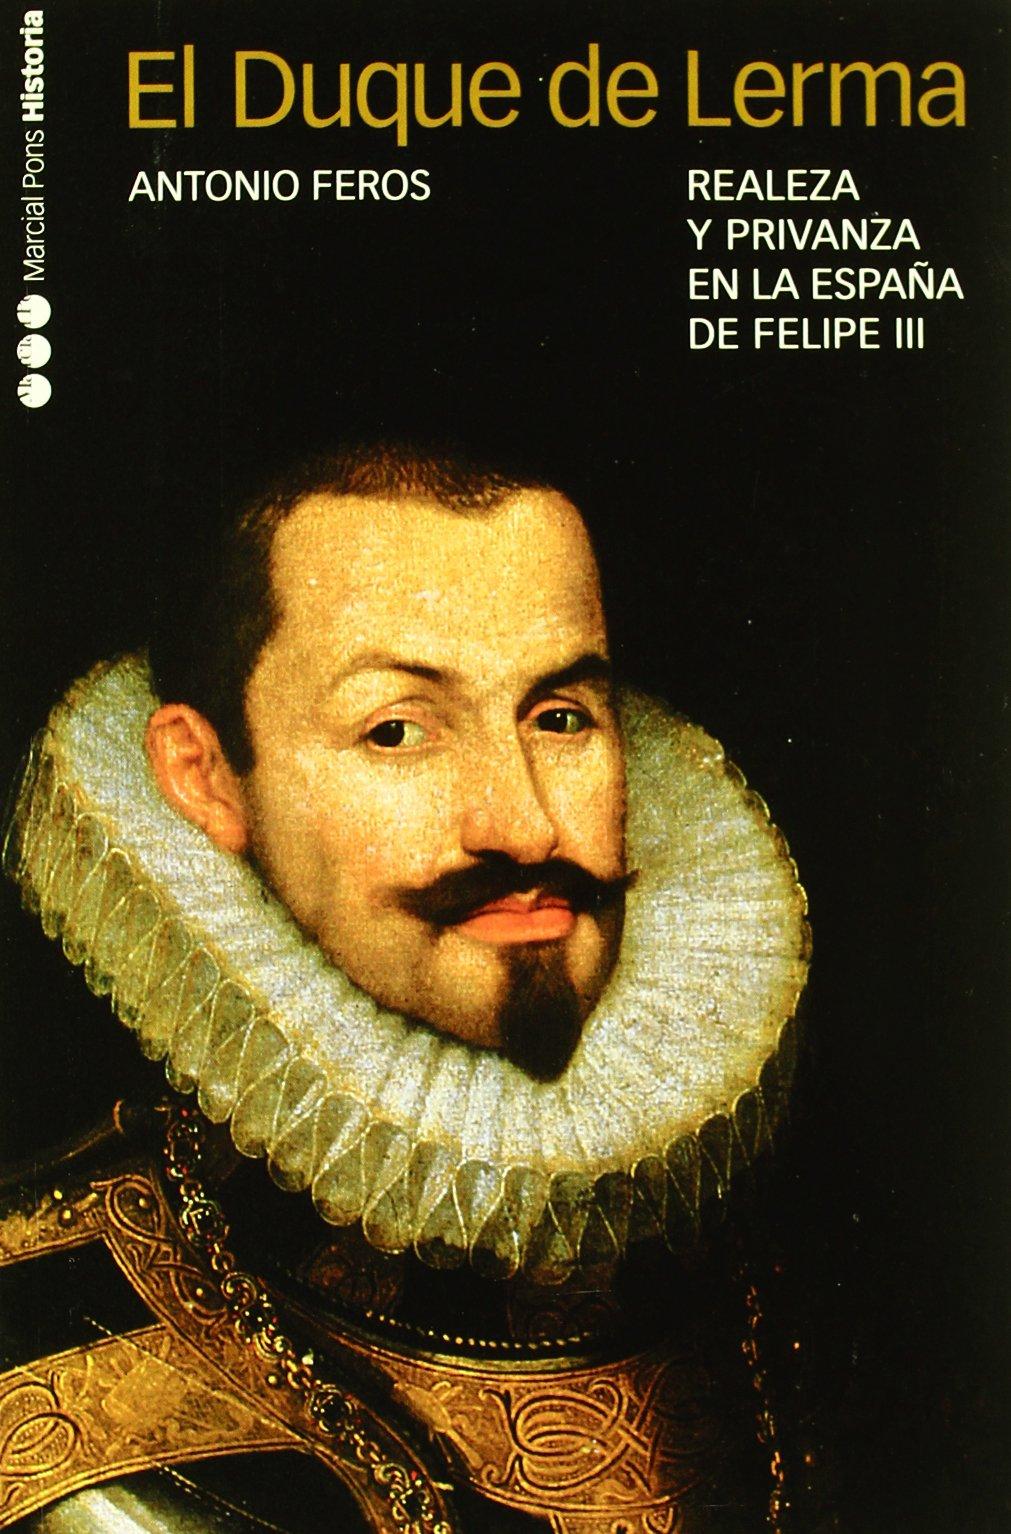 DUQUE DE LERMA, EL: Realeza y privanza en la España de Felipe III: 4 Memorias y Biografías: Amazon.es: Feros, Antonio: Libros